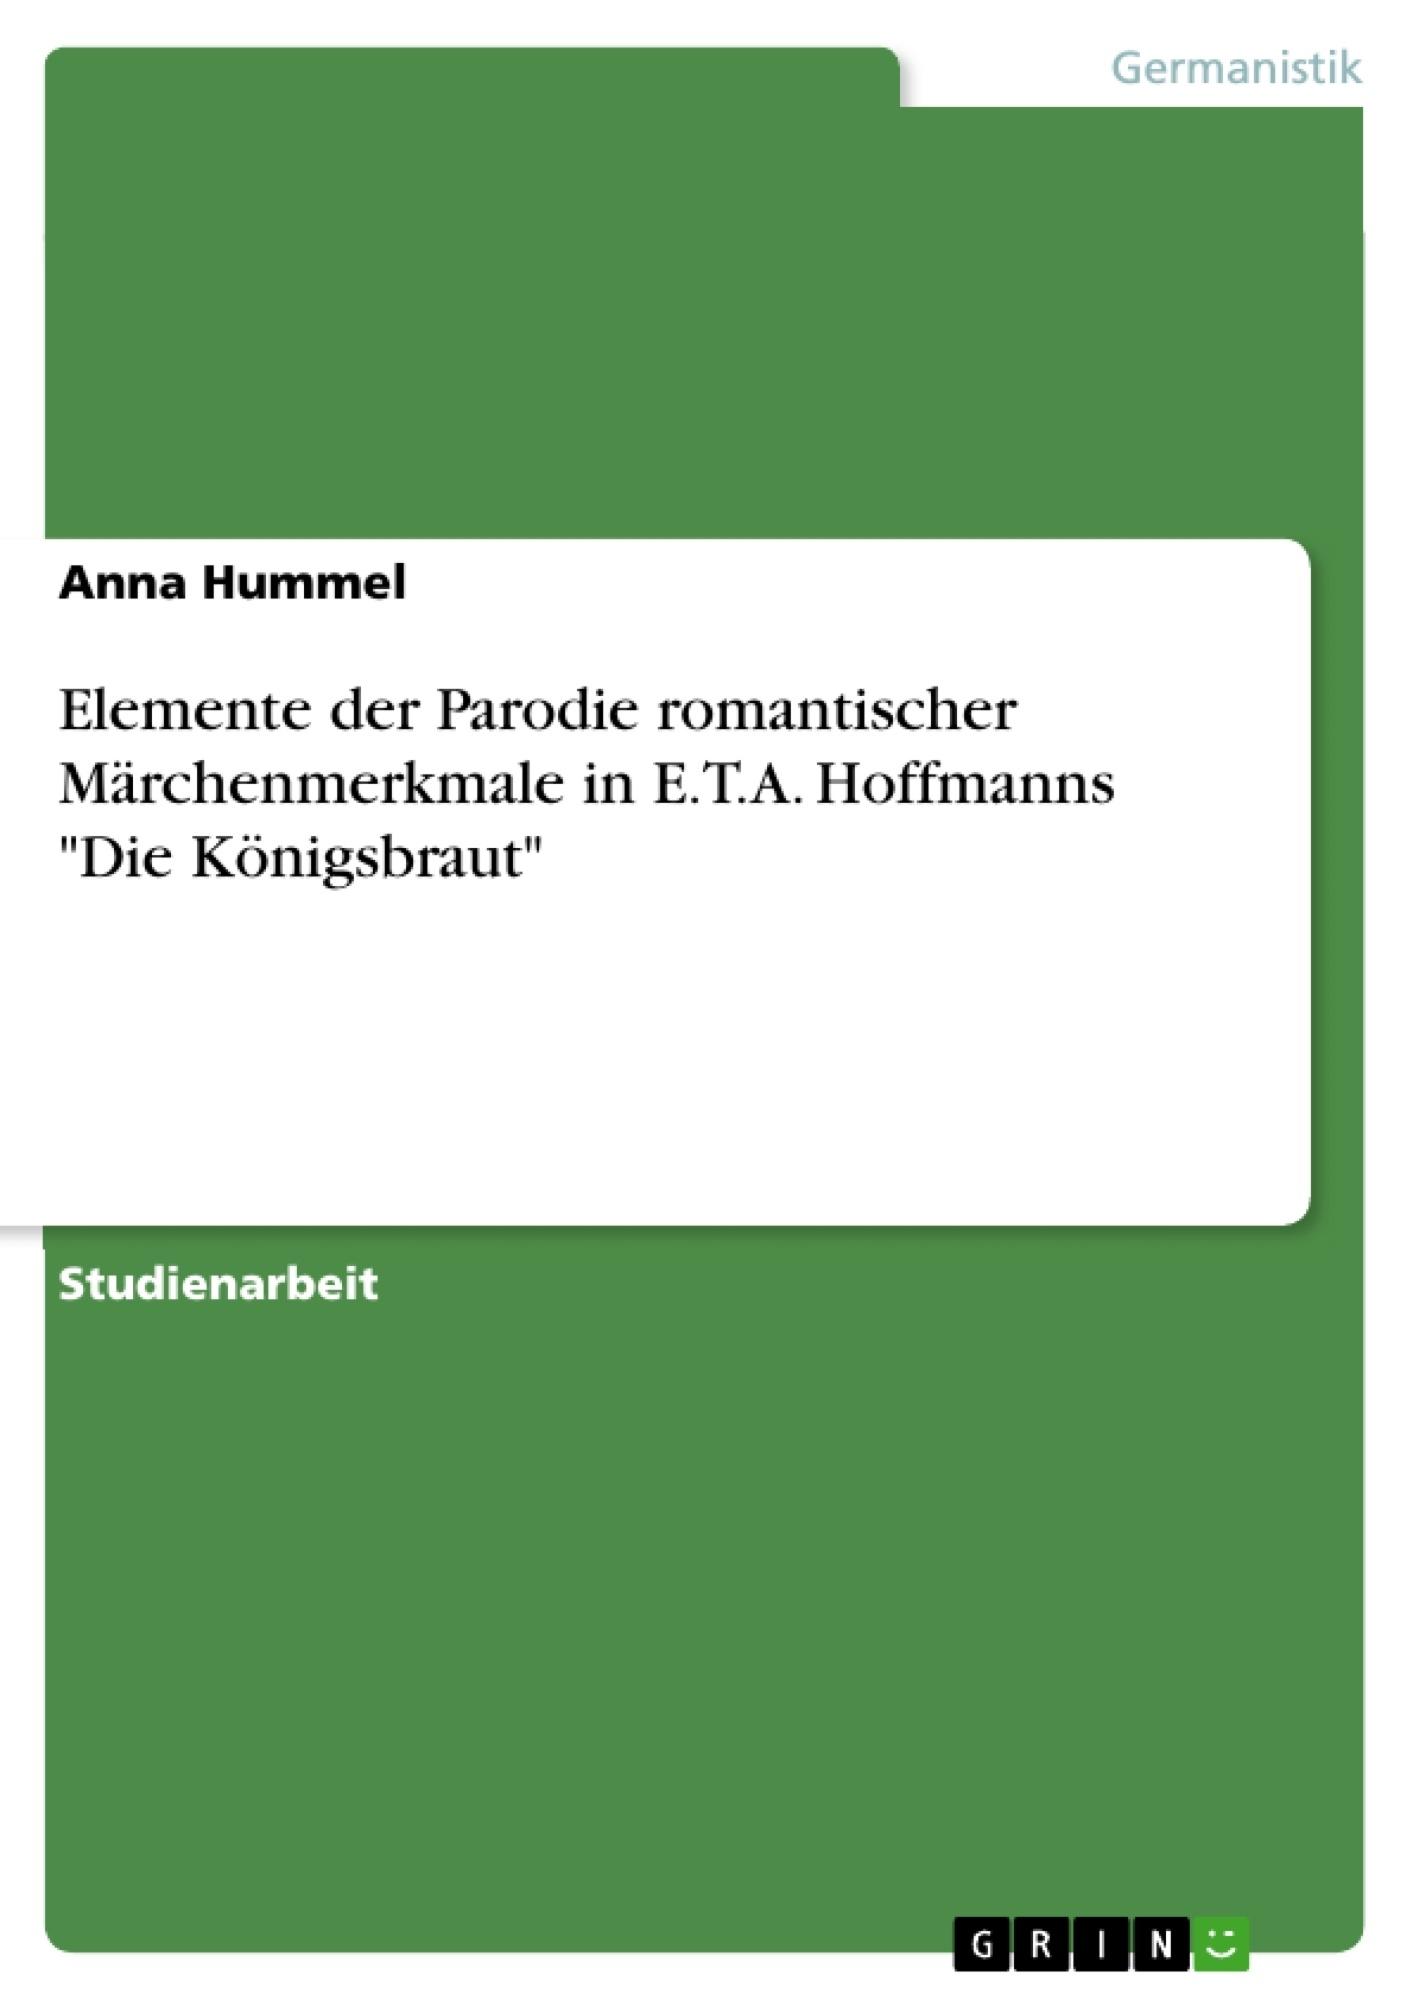 """Titel: Elemente der Parodie romantischer Märchenmerkmale in E.T.A. Hoffmanns """"Die Königsbraut"""""""